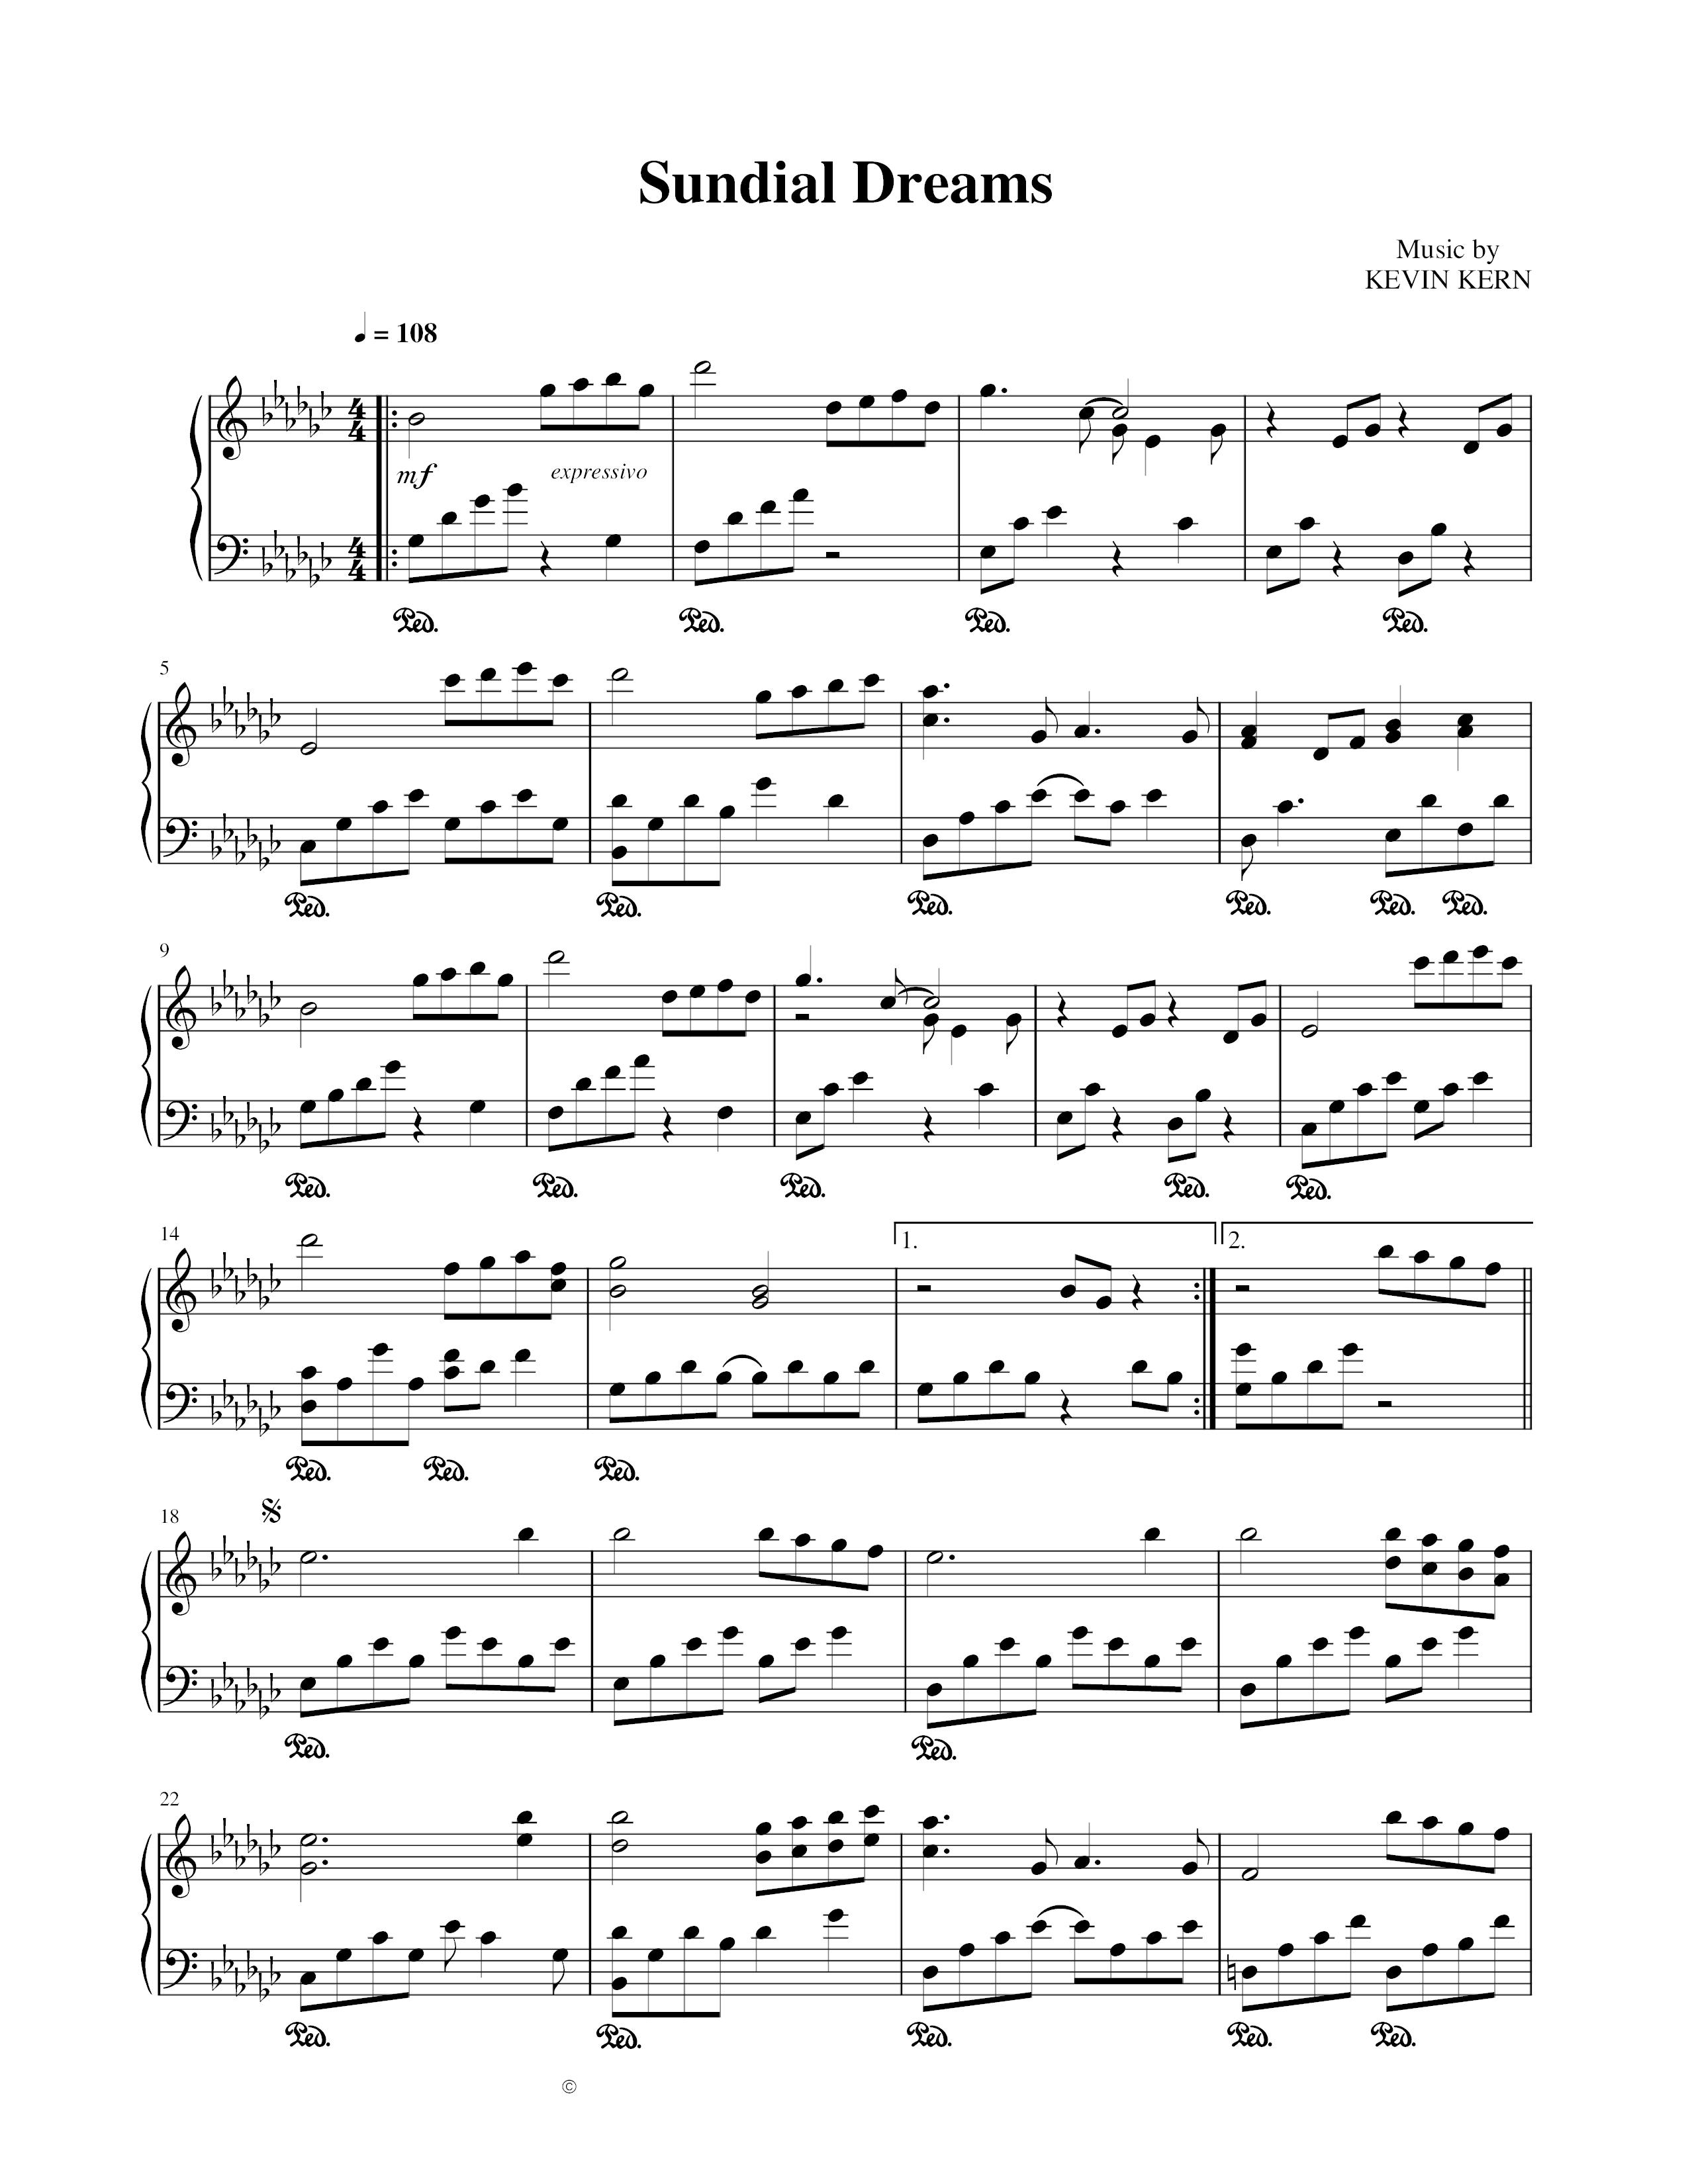 Hướng dẫn chơi Sundial dreams - Kevin Kern 2